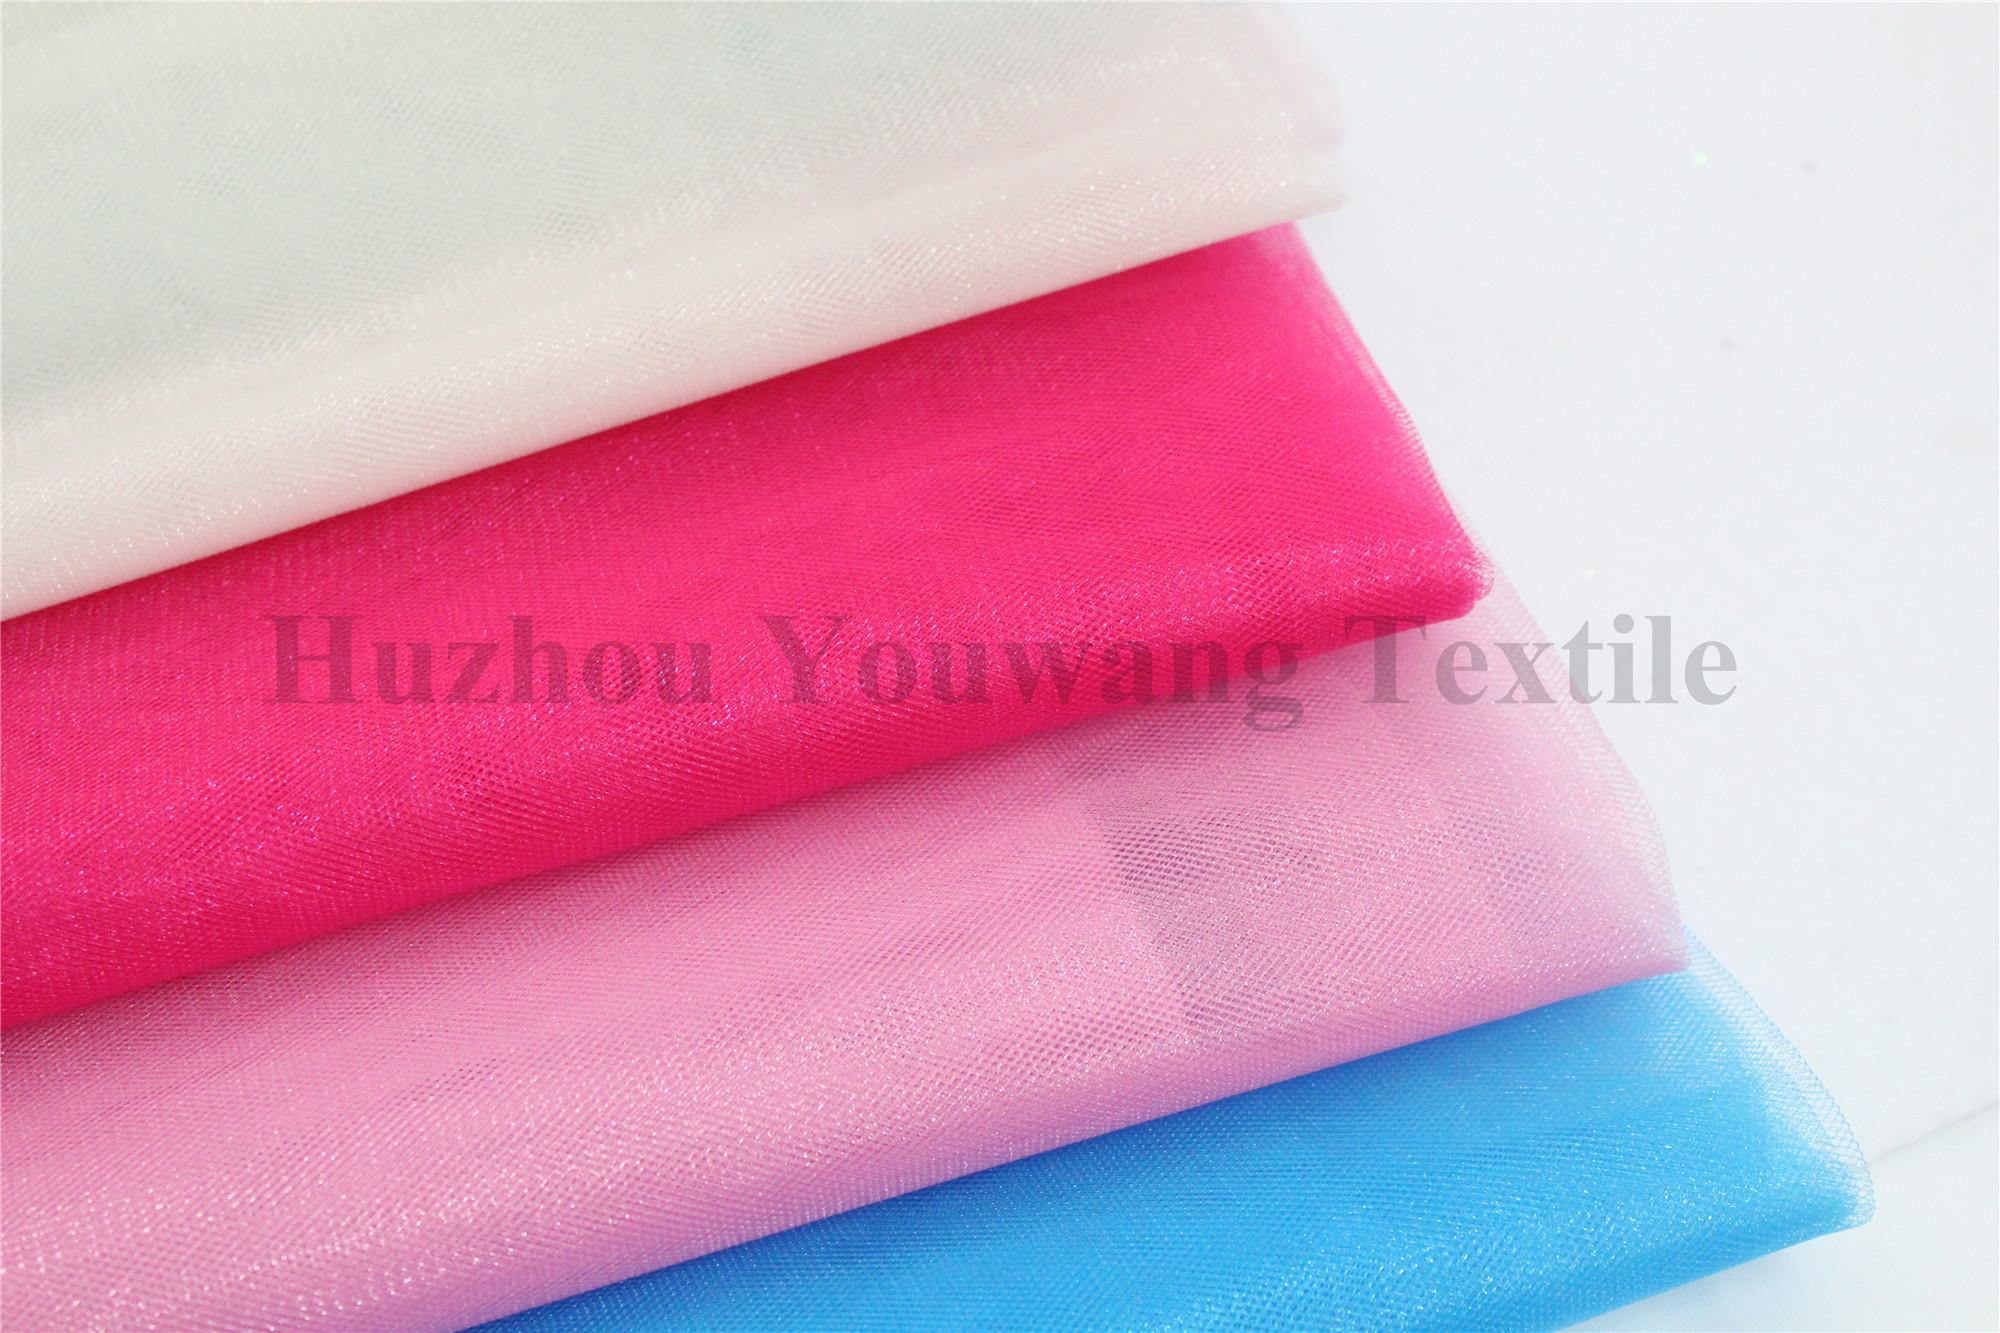 Shiny Tull Fabric 1